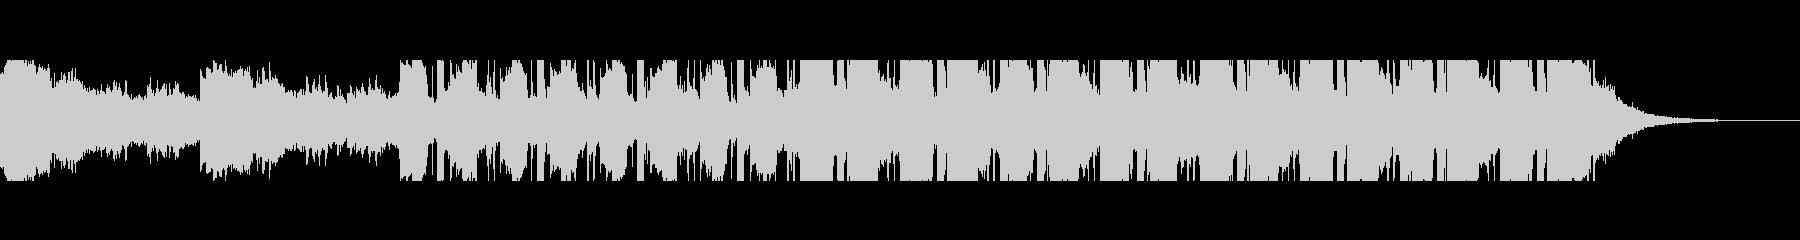 中東砂漠(60秒)の未再生の波形